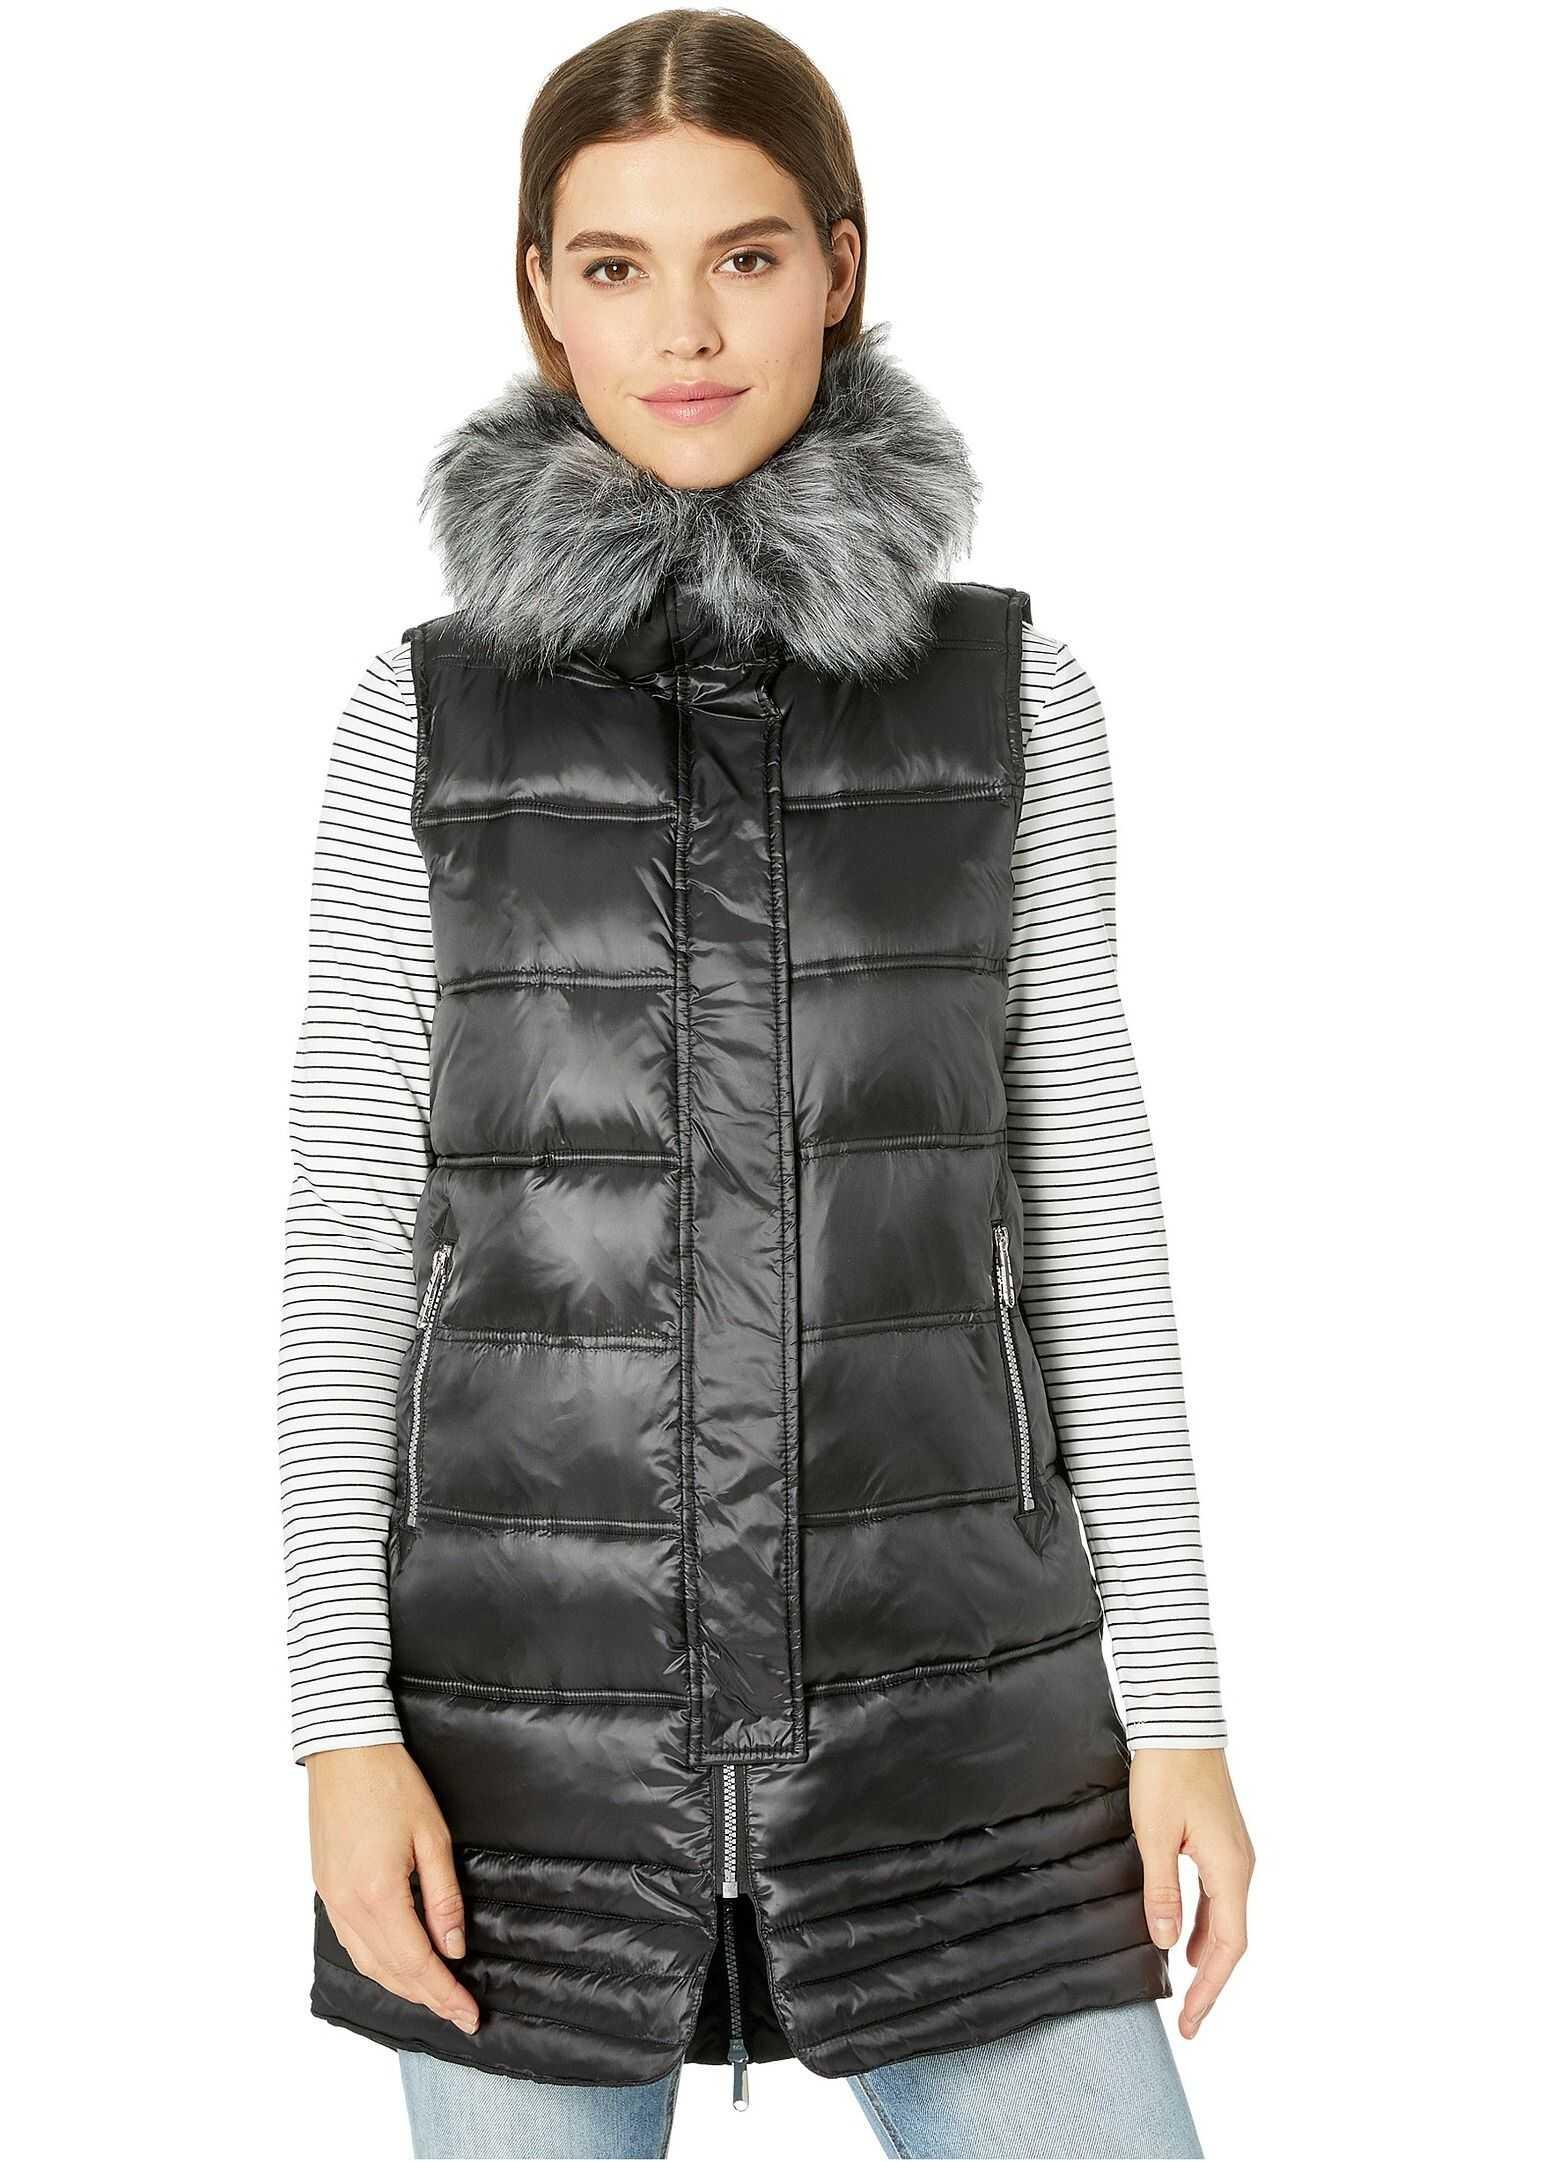 Sam Edelman Faux Fur Puffer Vest Black